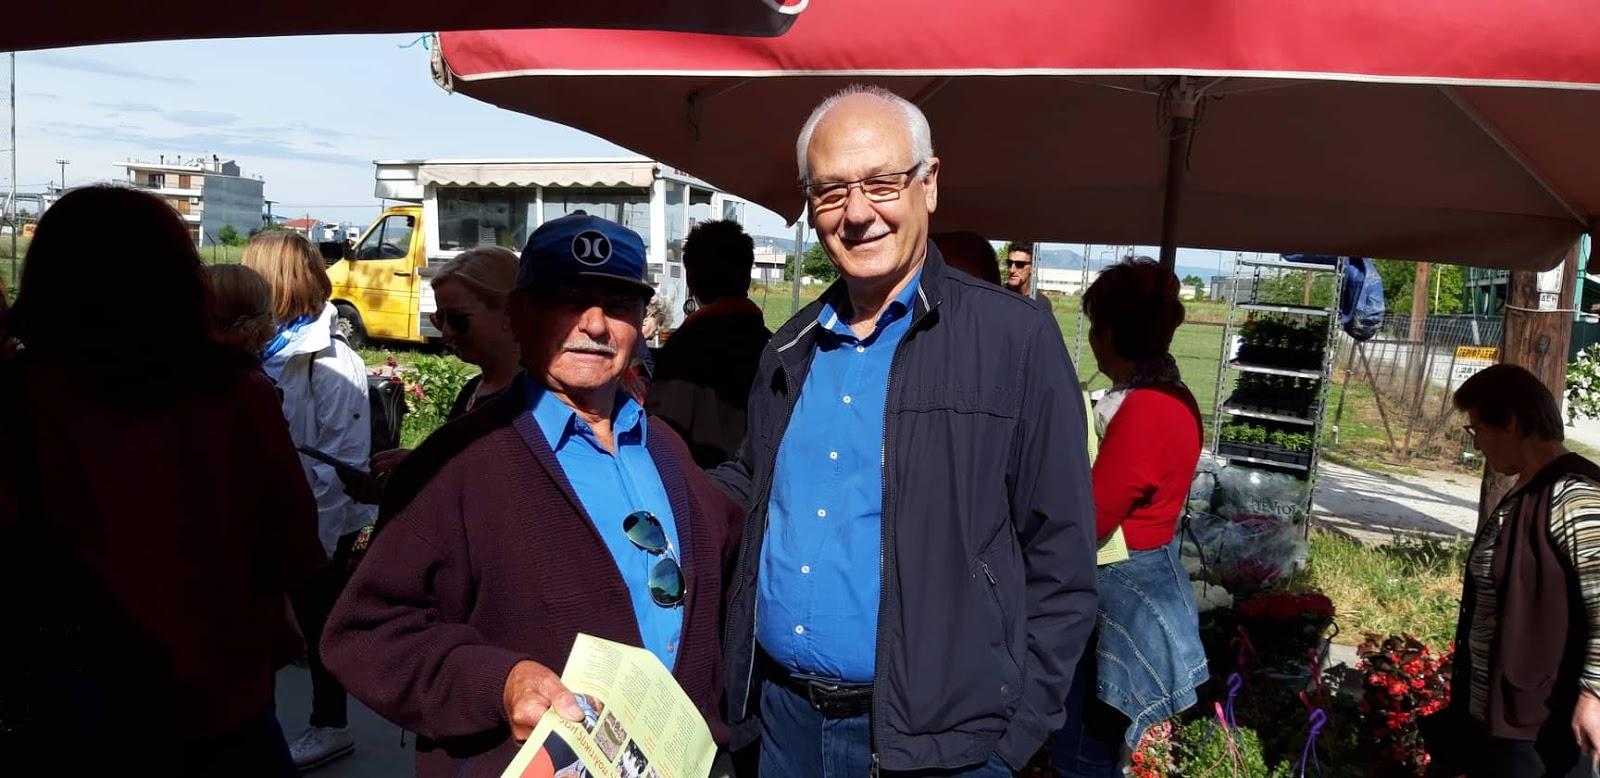 Στην Γιάννουλη ο Απ. Καλογιάννης και υποψήφιοι της Συμπαράταξης (ΦΩΤΟ)